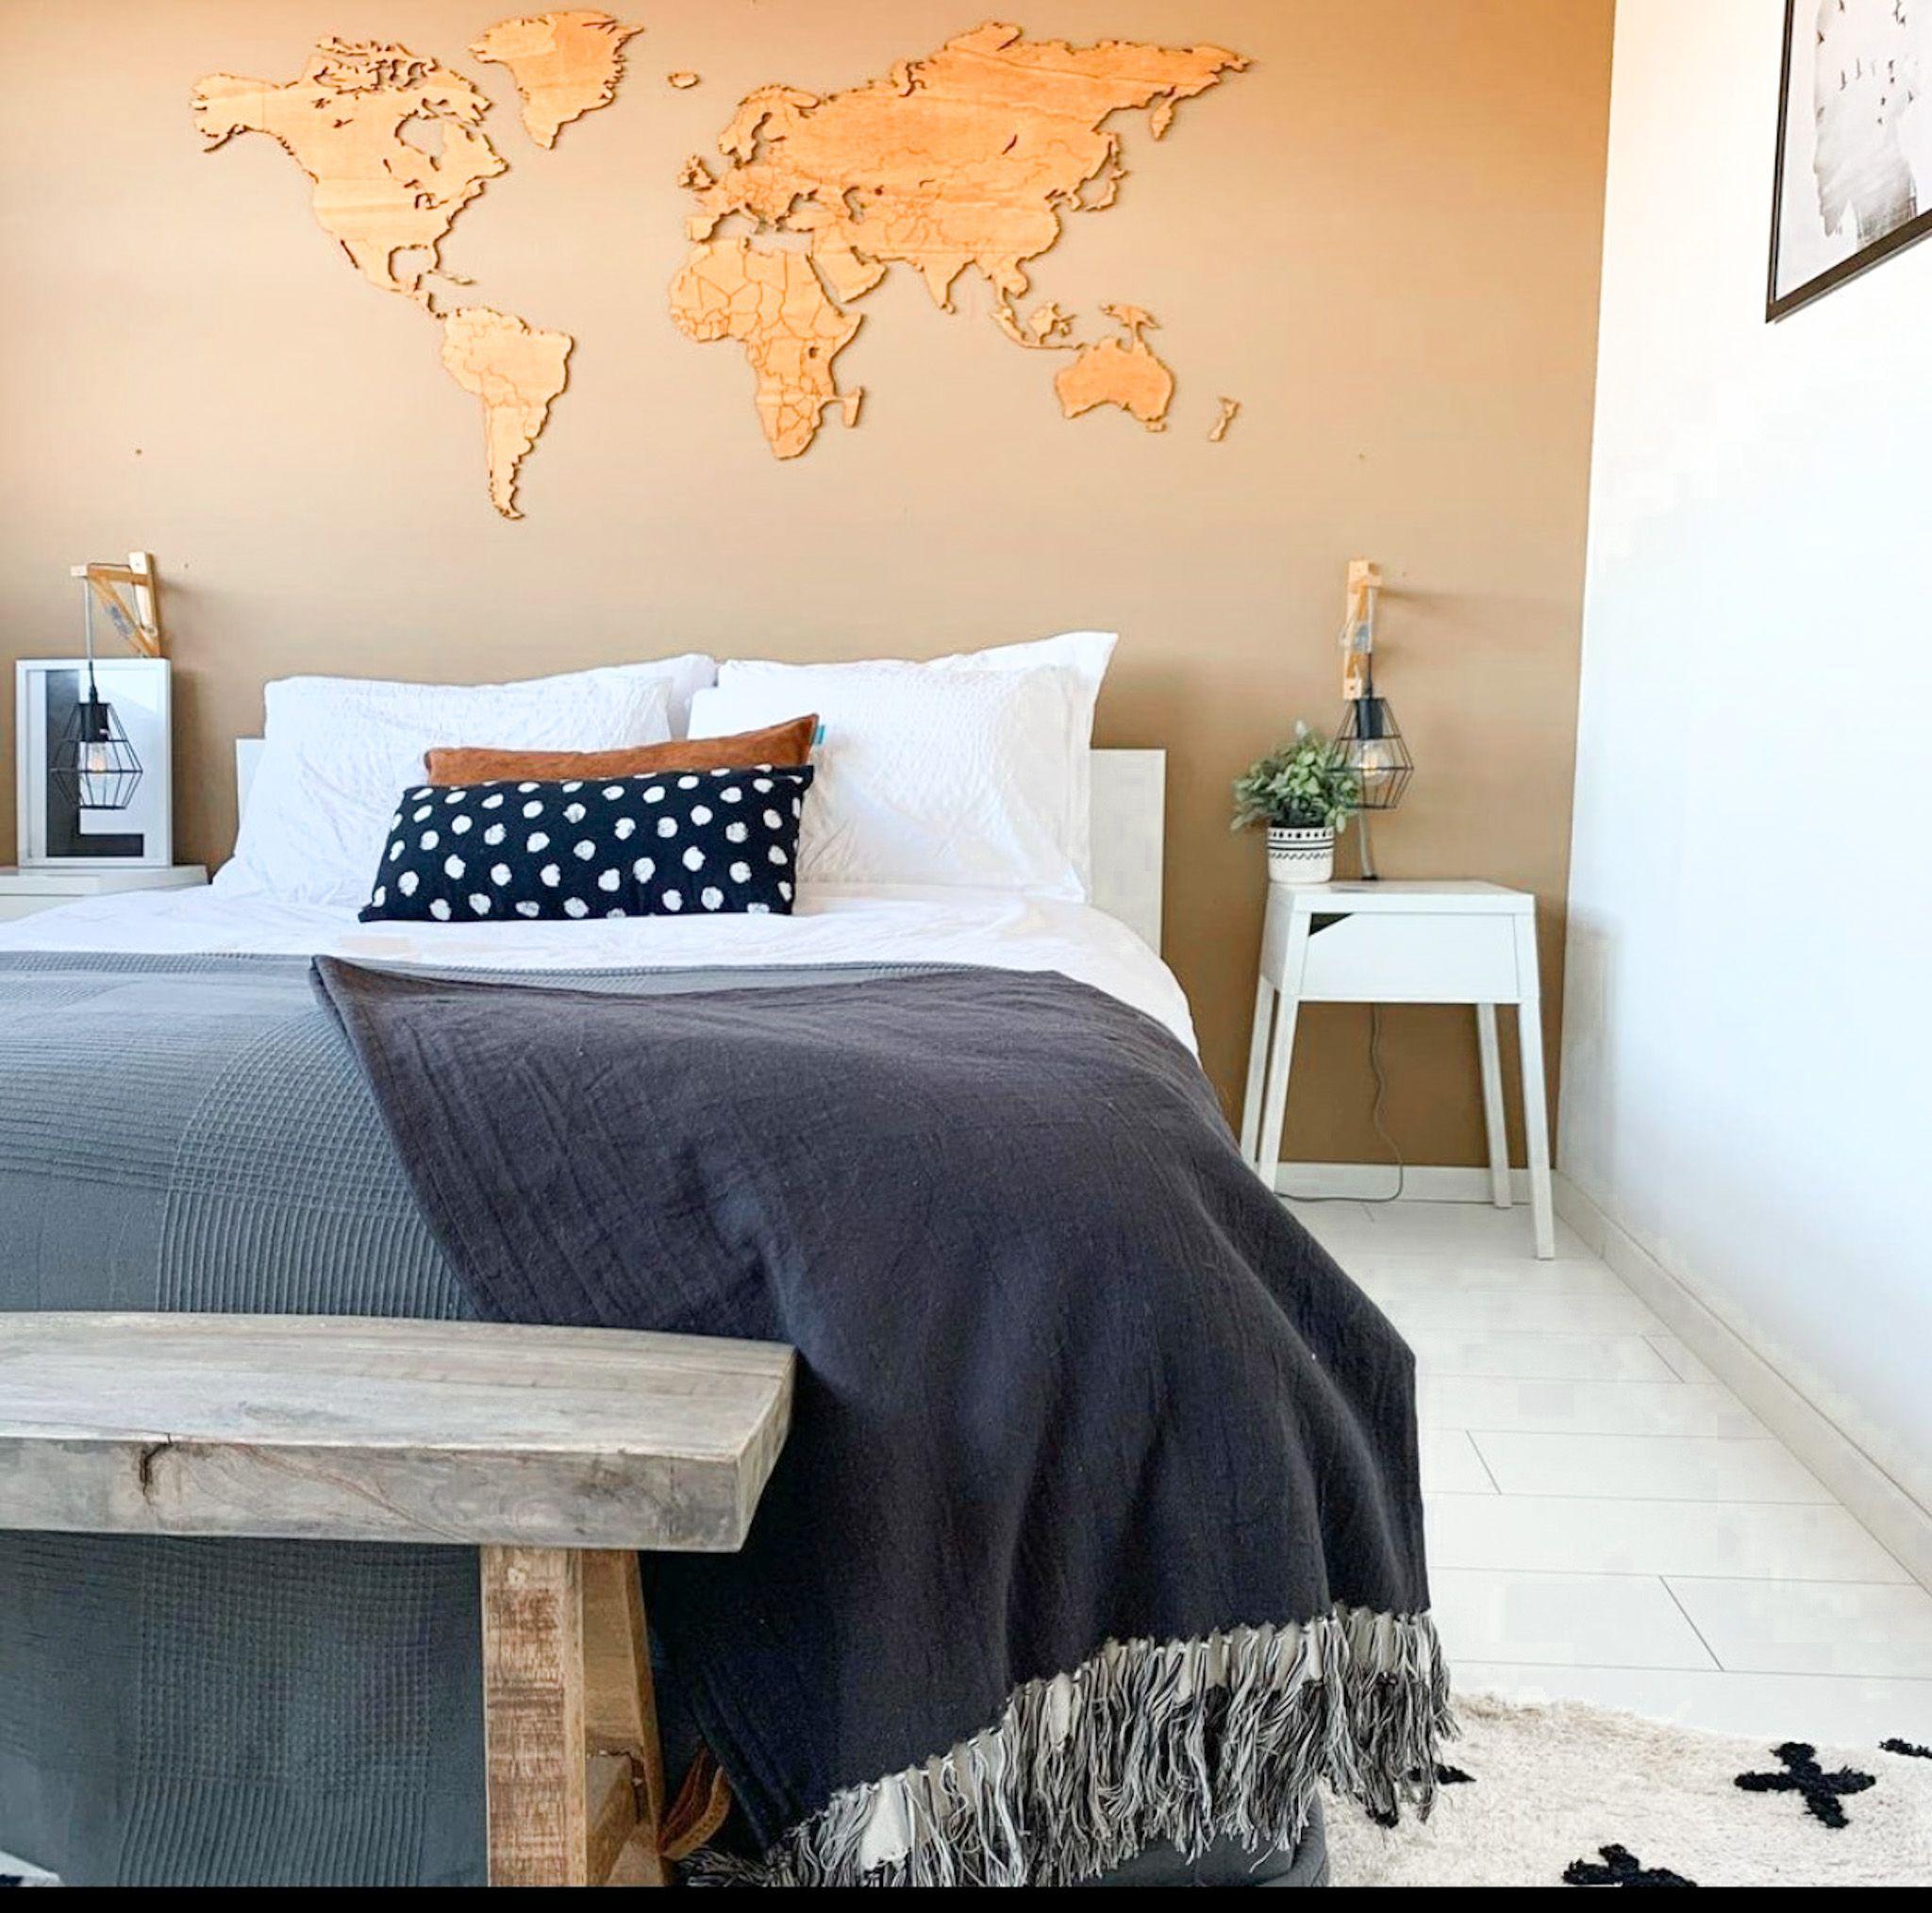 70 Slaapkamer Ideeen Inspiratie Voor Slaapkamer Inrichten Makeover Nl